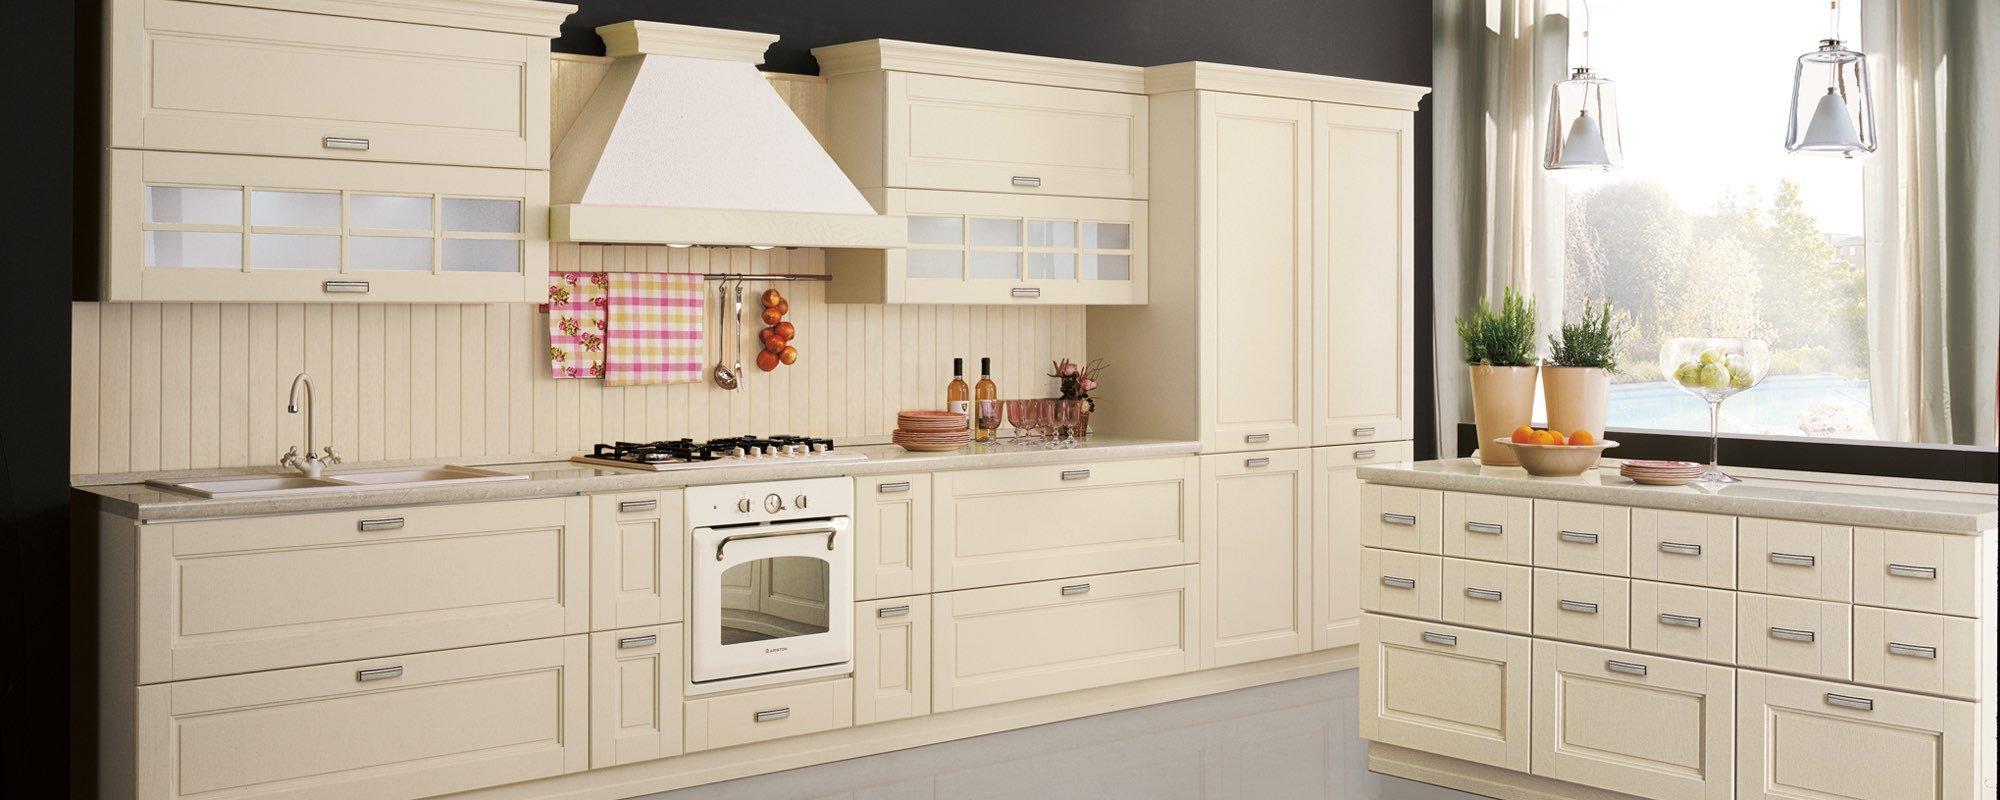 vista laterale di una cucina in legno con cassetti color crema -ONTARIO